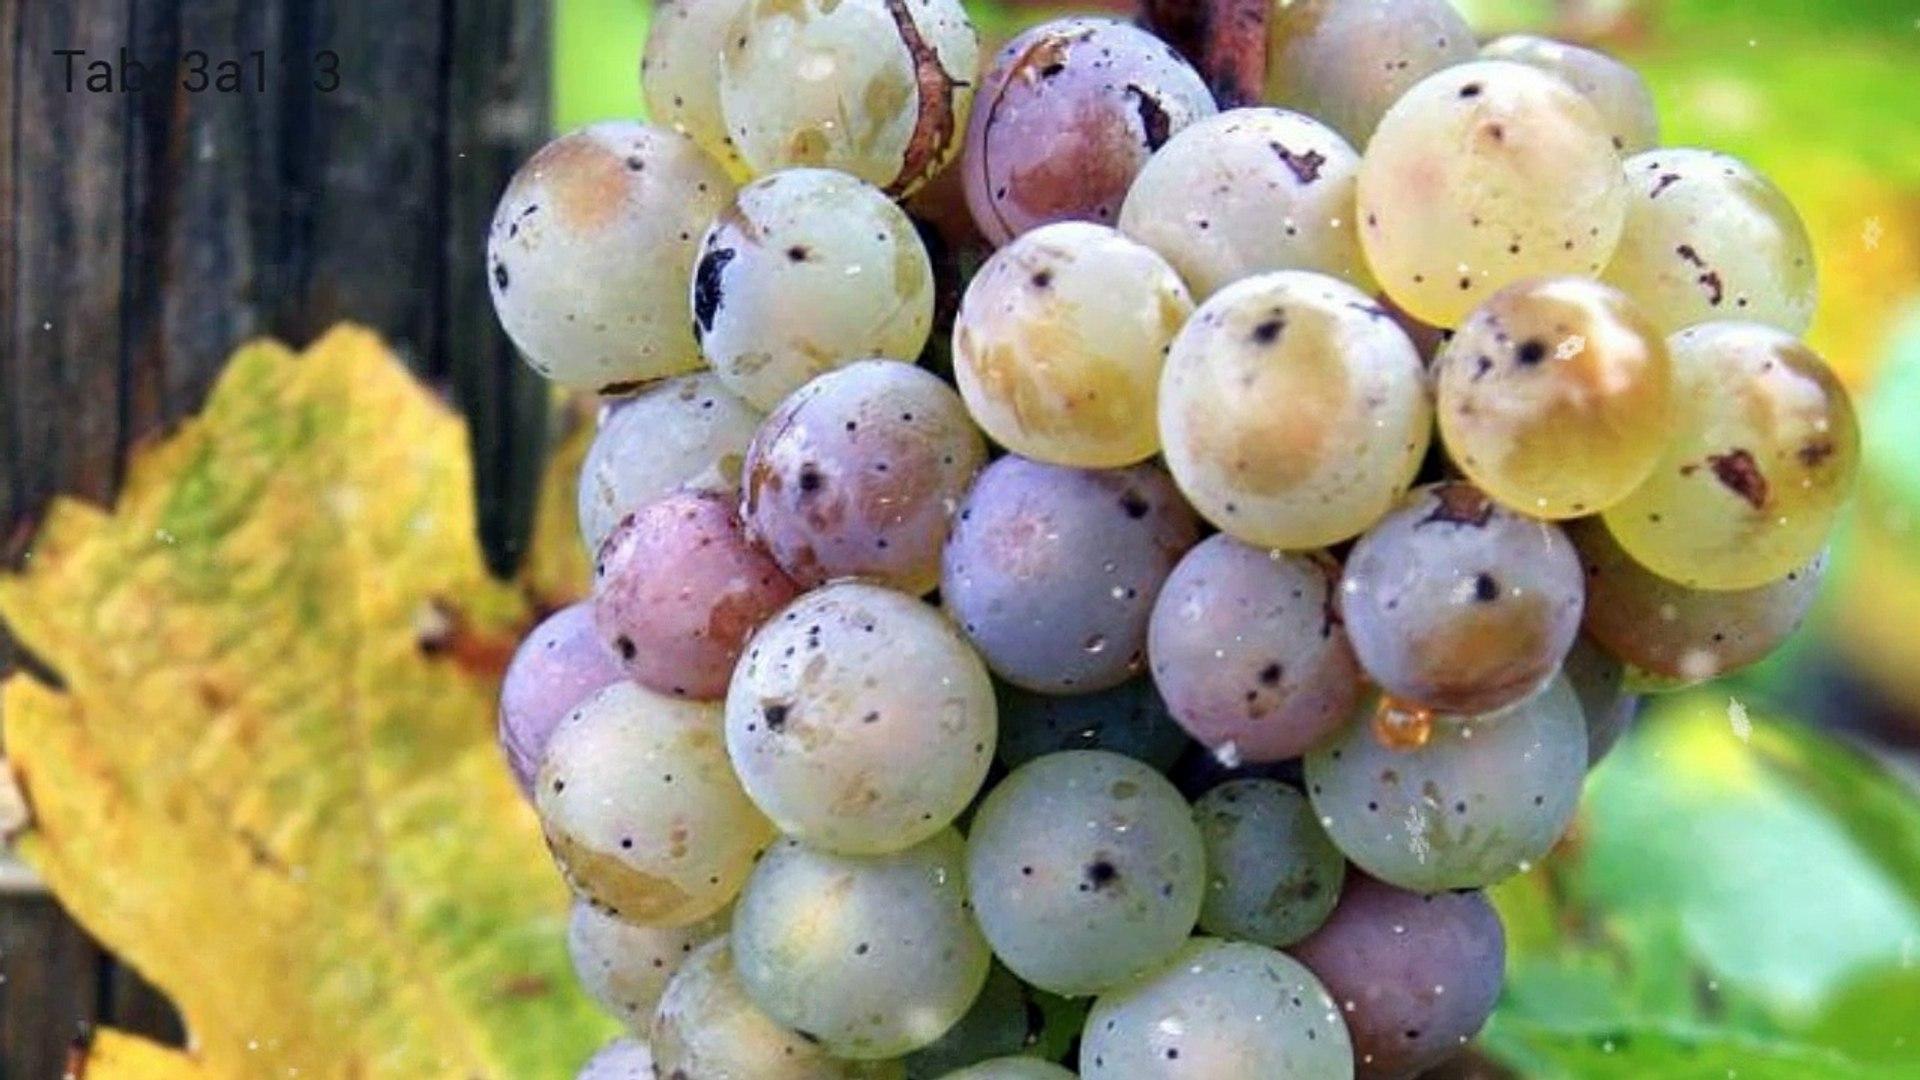 مرض العفن الرمادي في ثمار العنب